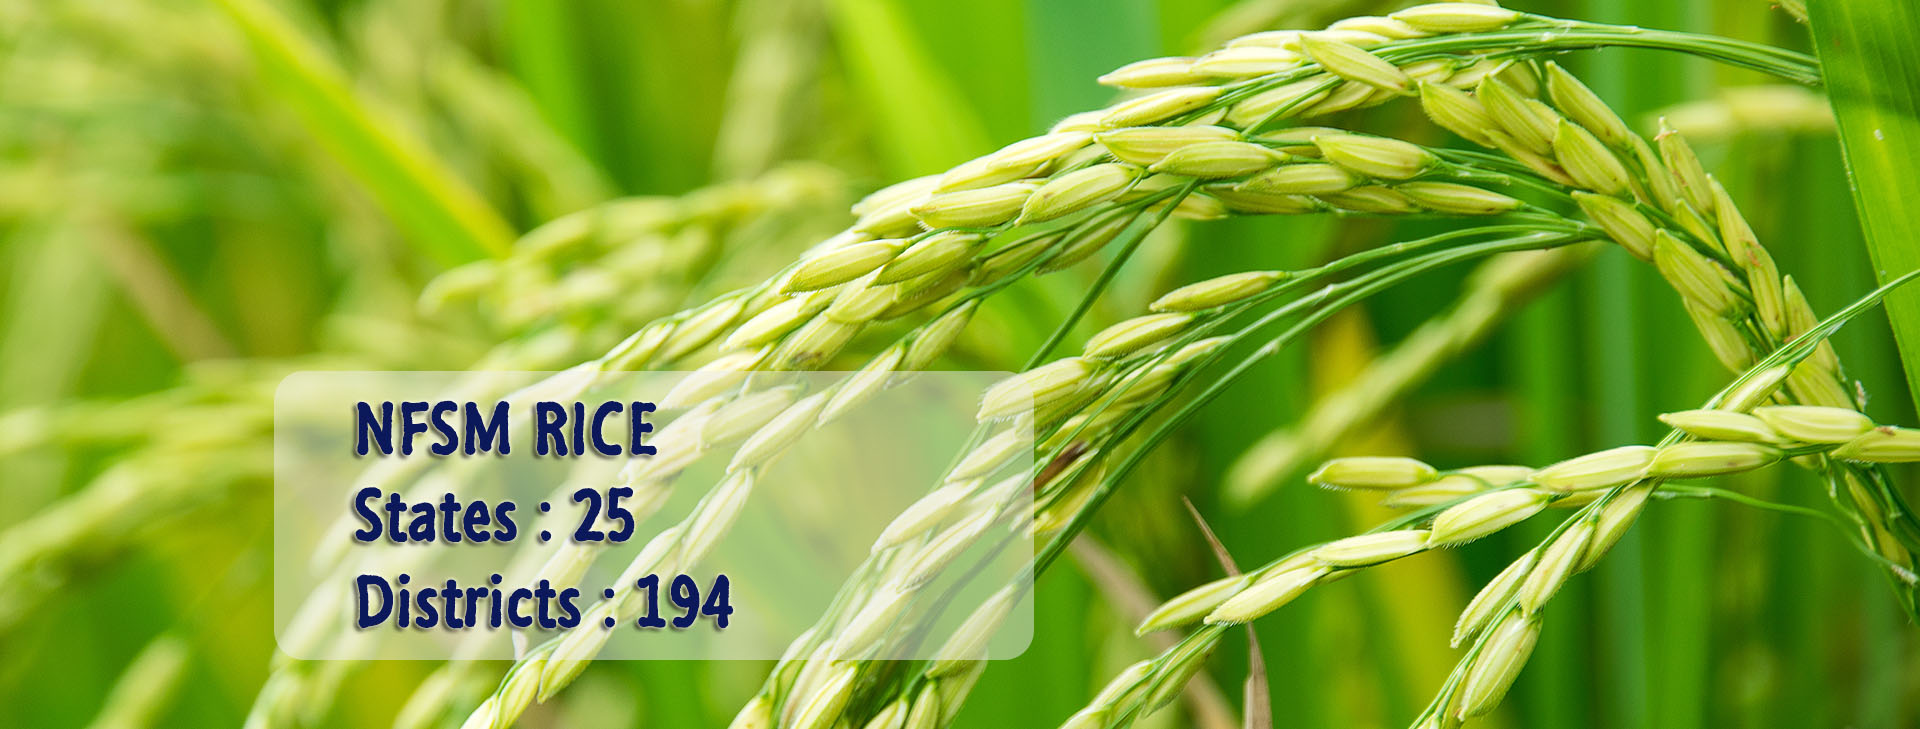 NFSM: National Food Security Mission